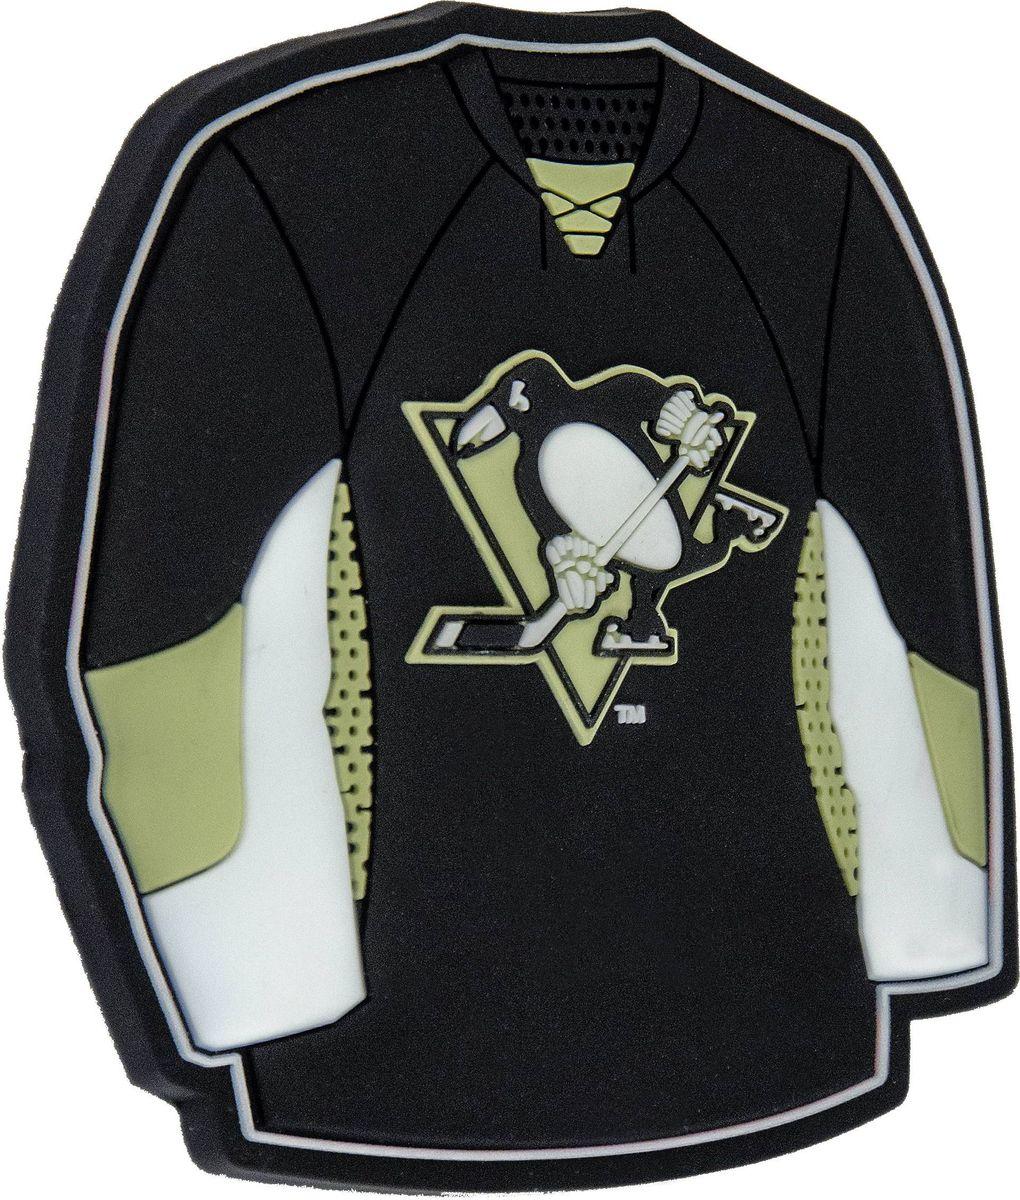 Магнит Atributika & Club Pittsburgh Penguins, цвет: черный, серый. 5601155015Магнит Atributika & Club выполнен из полимерного материала в виде символики вашего любимого клуба.Длина: 8 см.